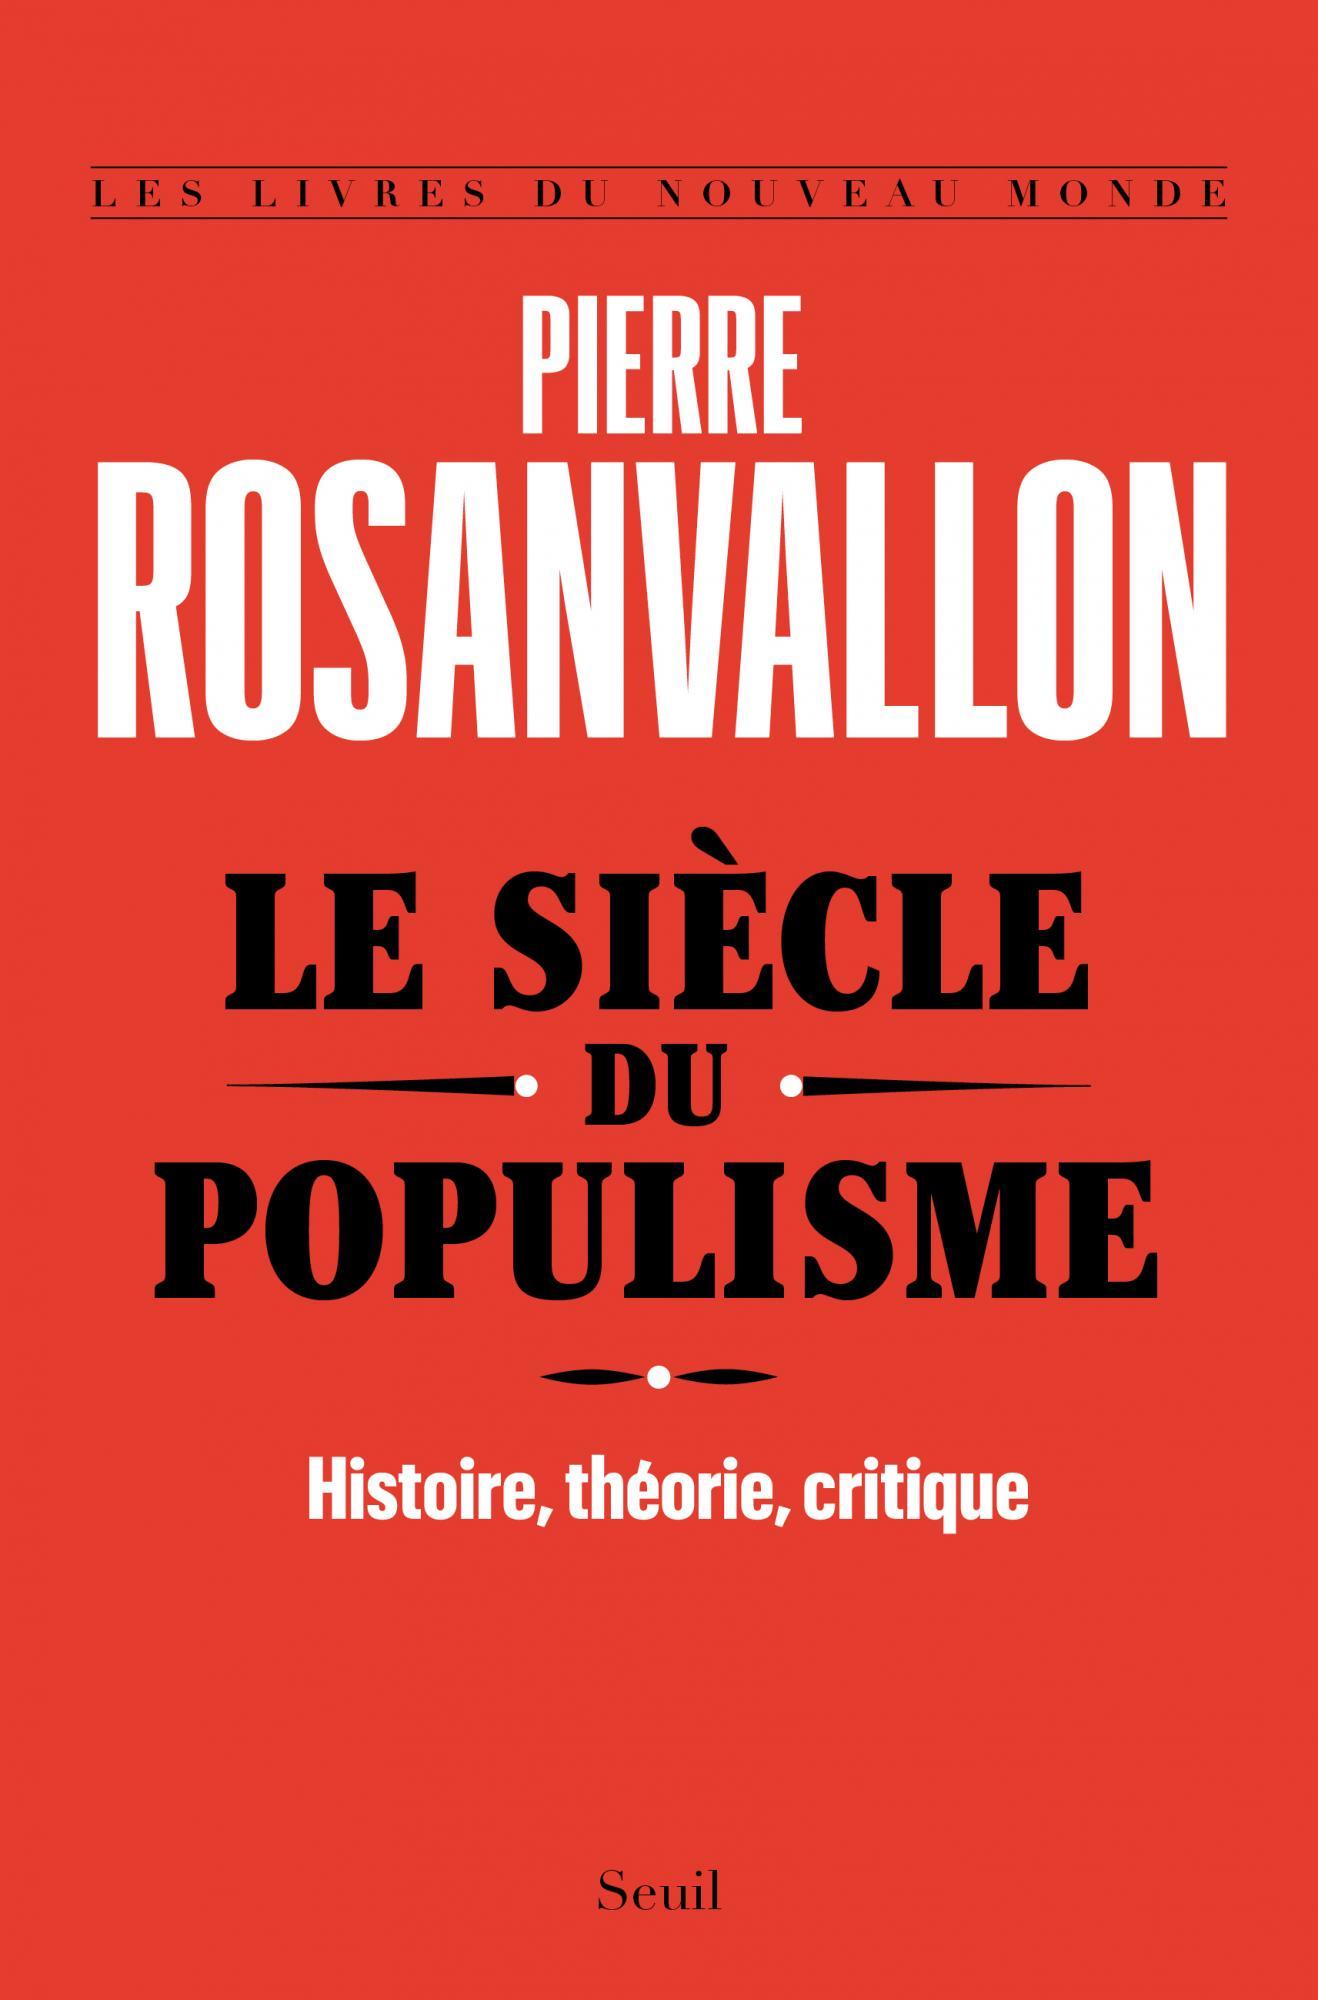 P. Rosanvallon, Le siècle du populisme. Histoire, théorie, critique